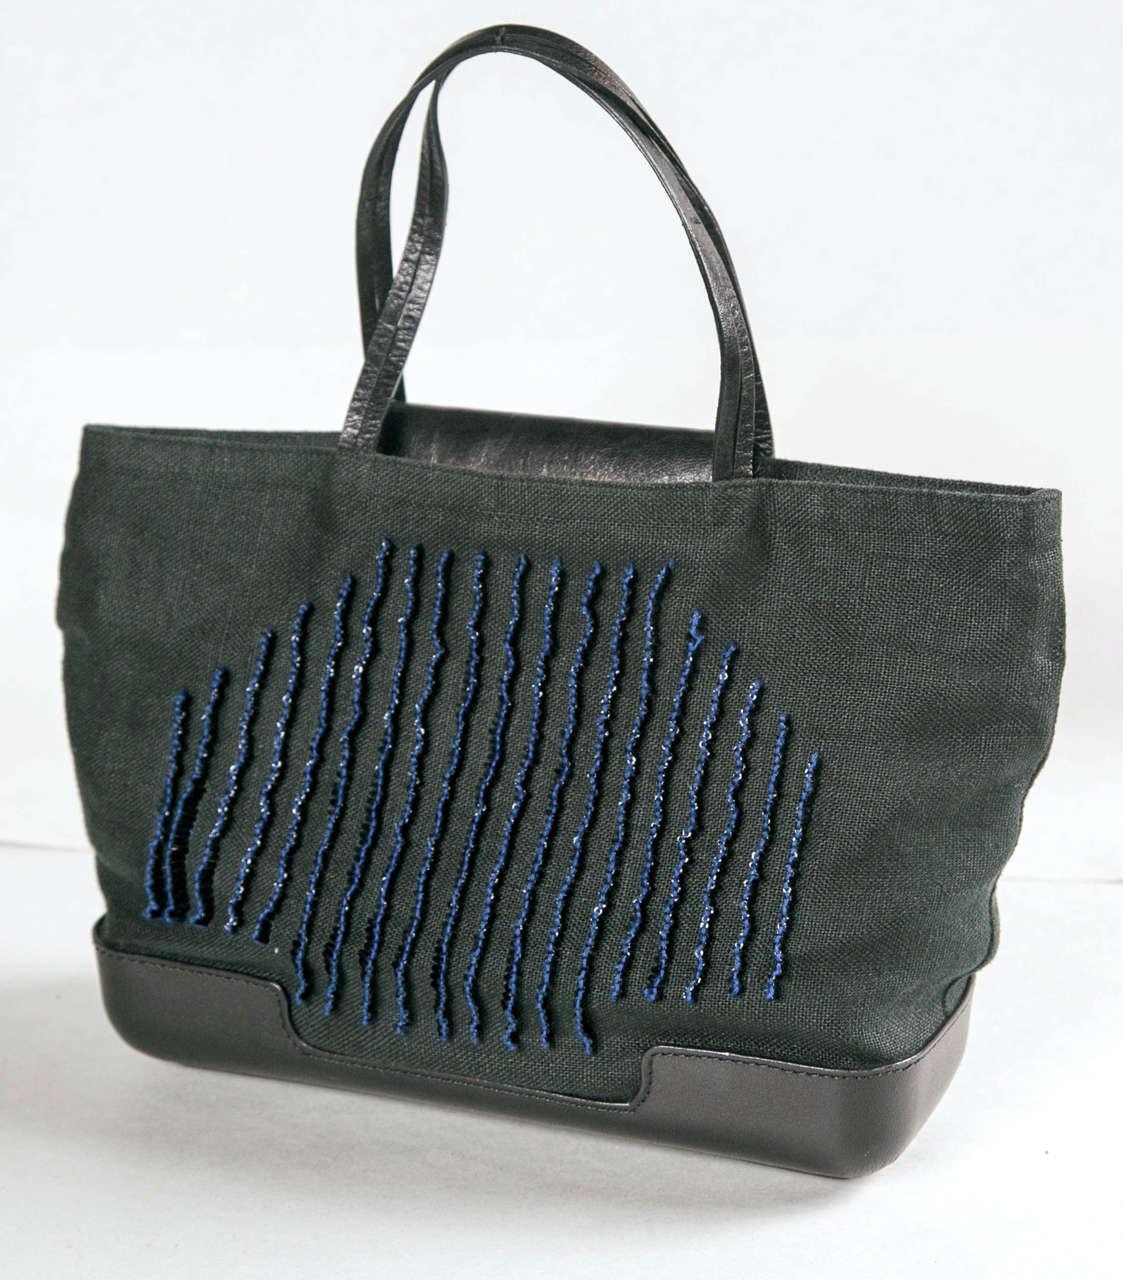 Limited Bottega Veneta handbag presented by funky finders 2